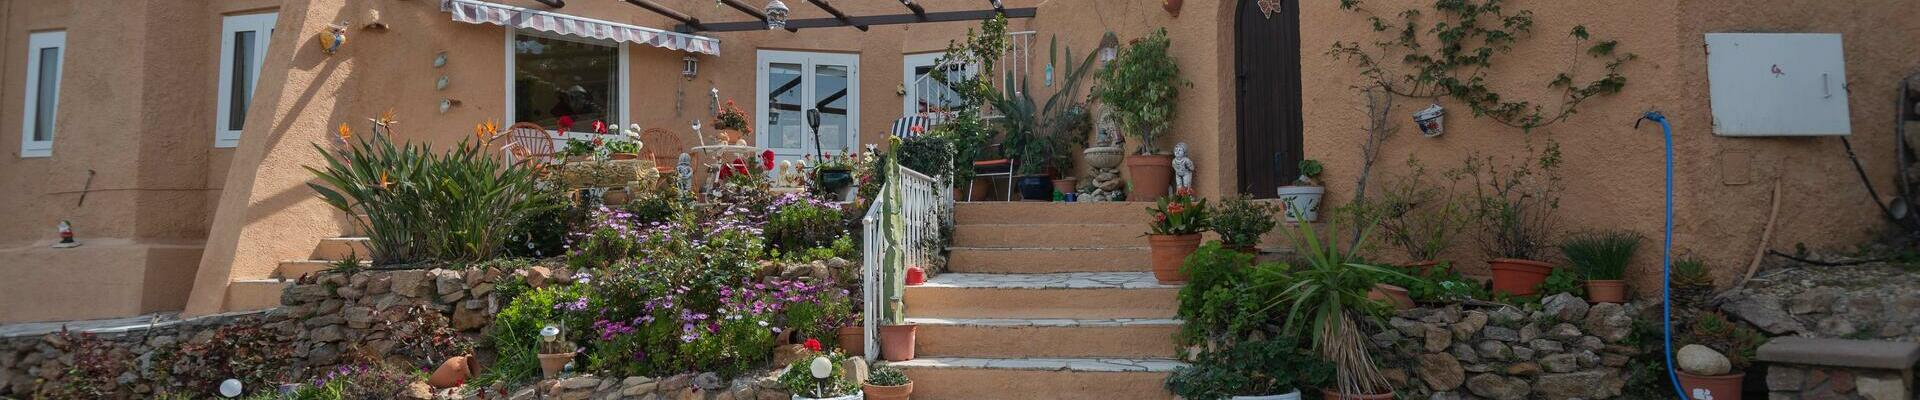 DV1501: 3 Bedroom Villa for Sale